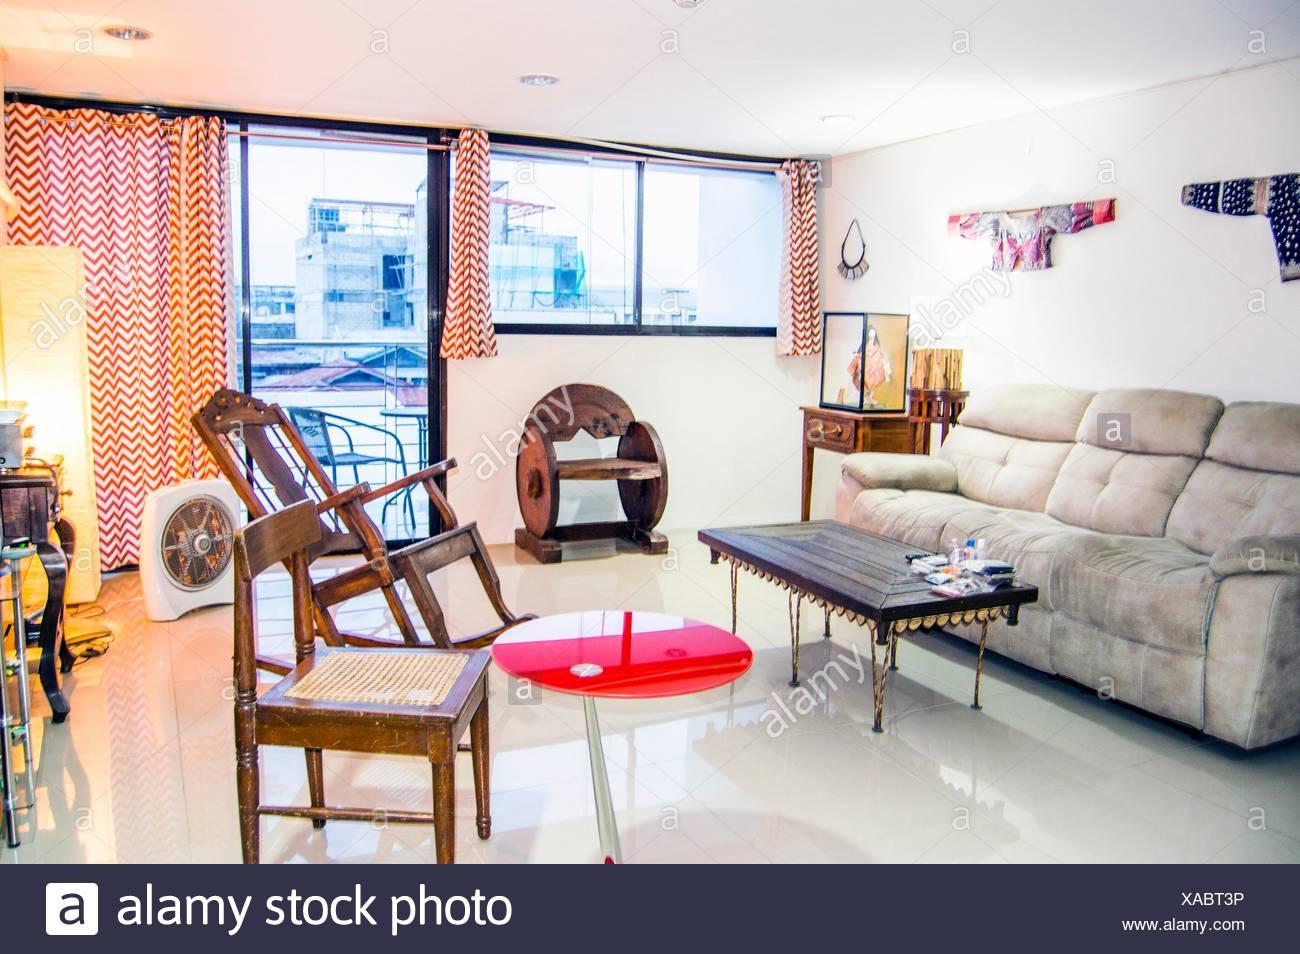 Wohnzimmer Einrichtung mit antiken und modernen Möbeln und Dekor, in ...